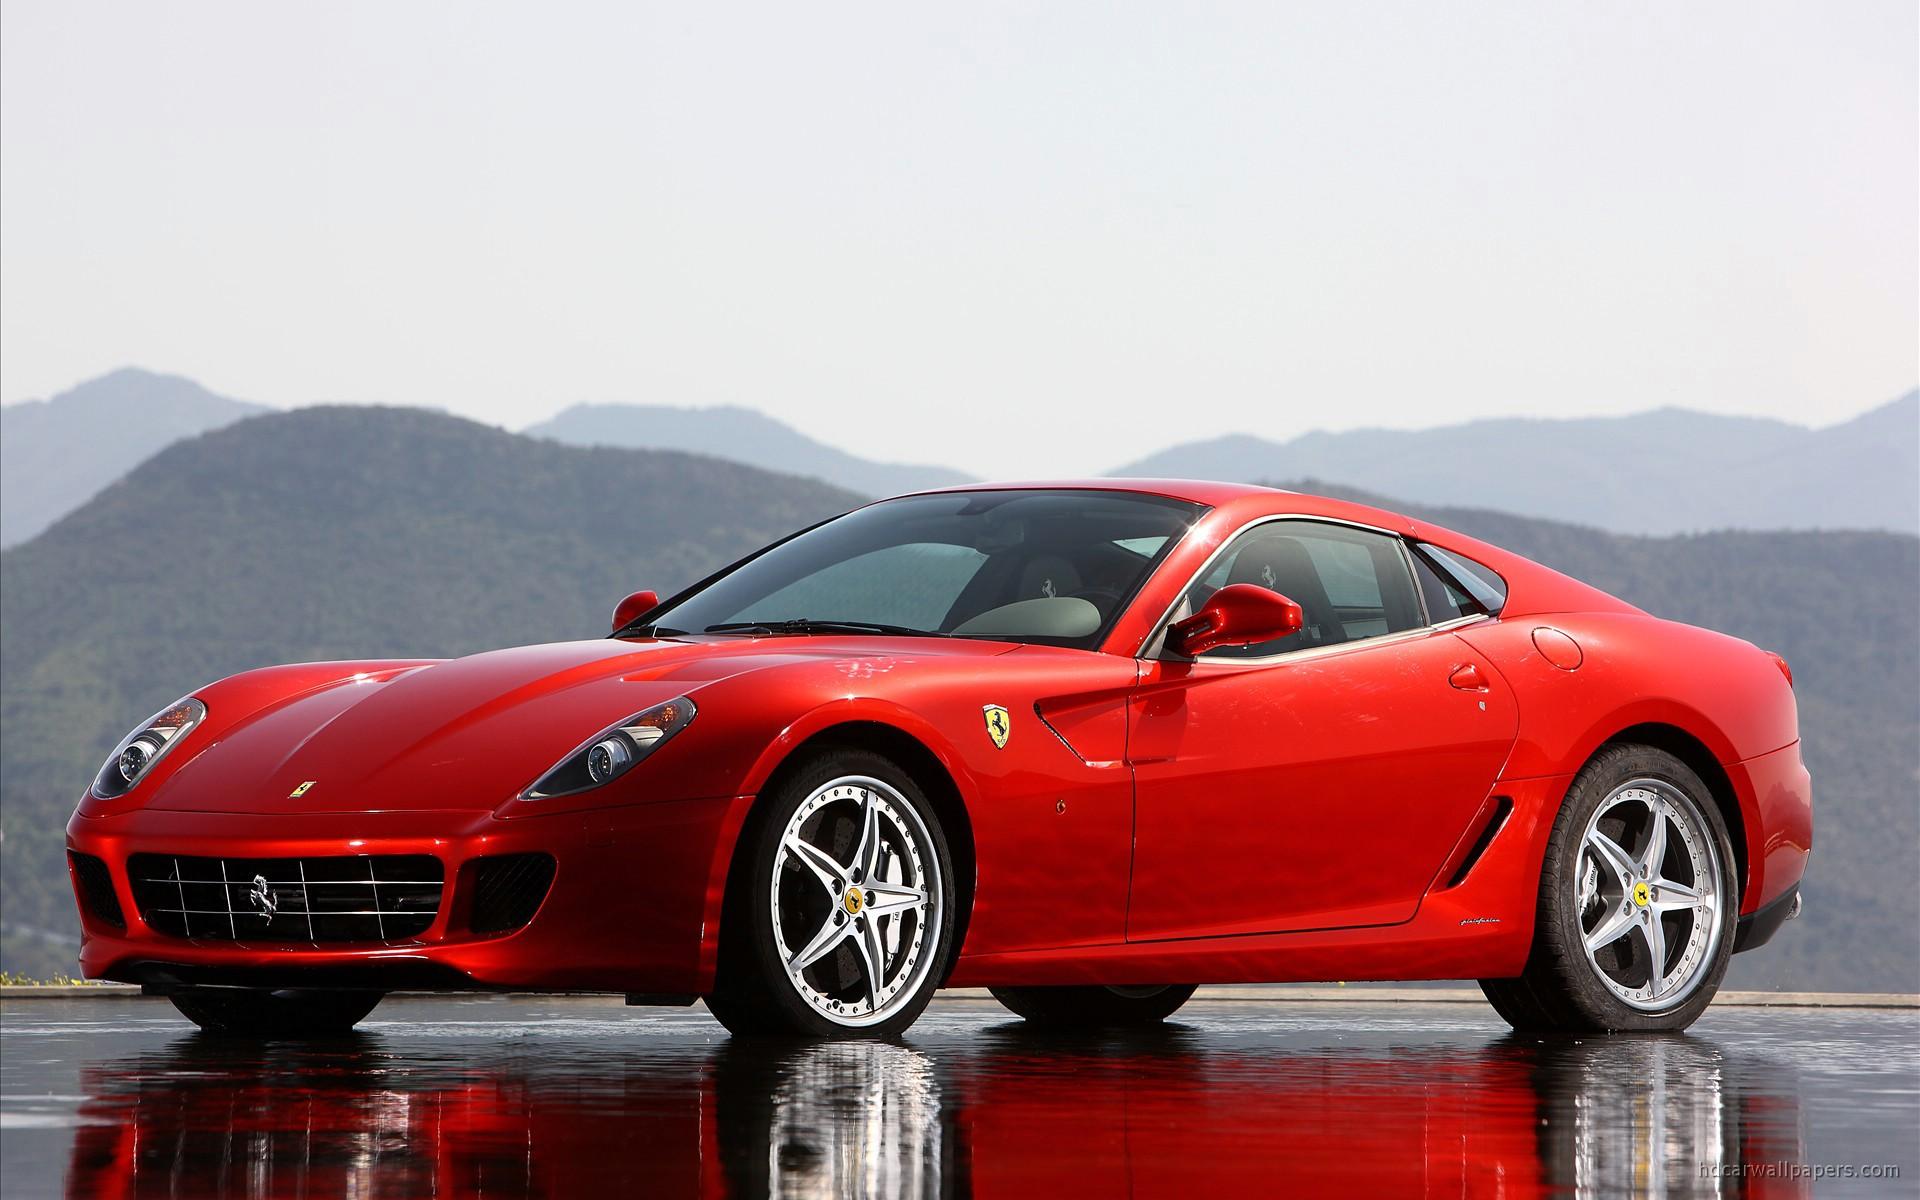 2010 Ferrari 599 GTB HGTE